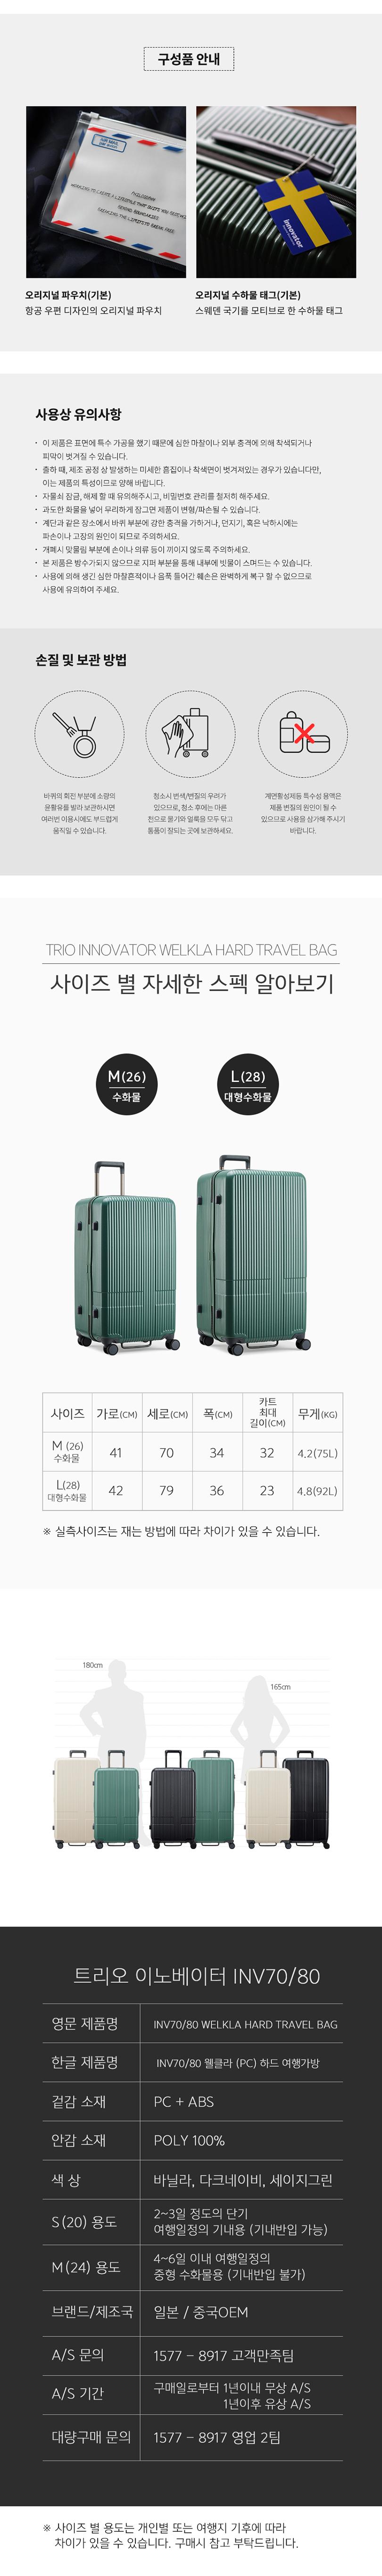 트리오 이노베이터 INV70 웰클라 26인치 중형 여행용캐리어 여행가방 세이지그린 - 트리오, 450,000원, 하드형, 대형(25형) 이상